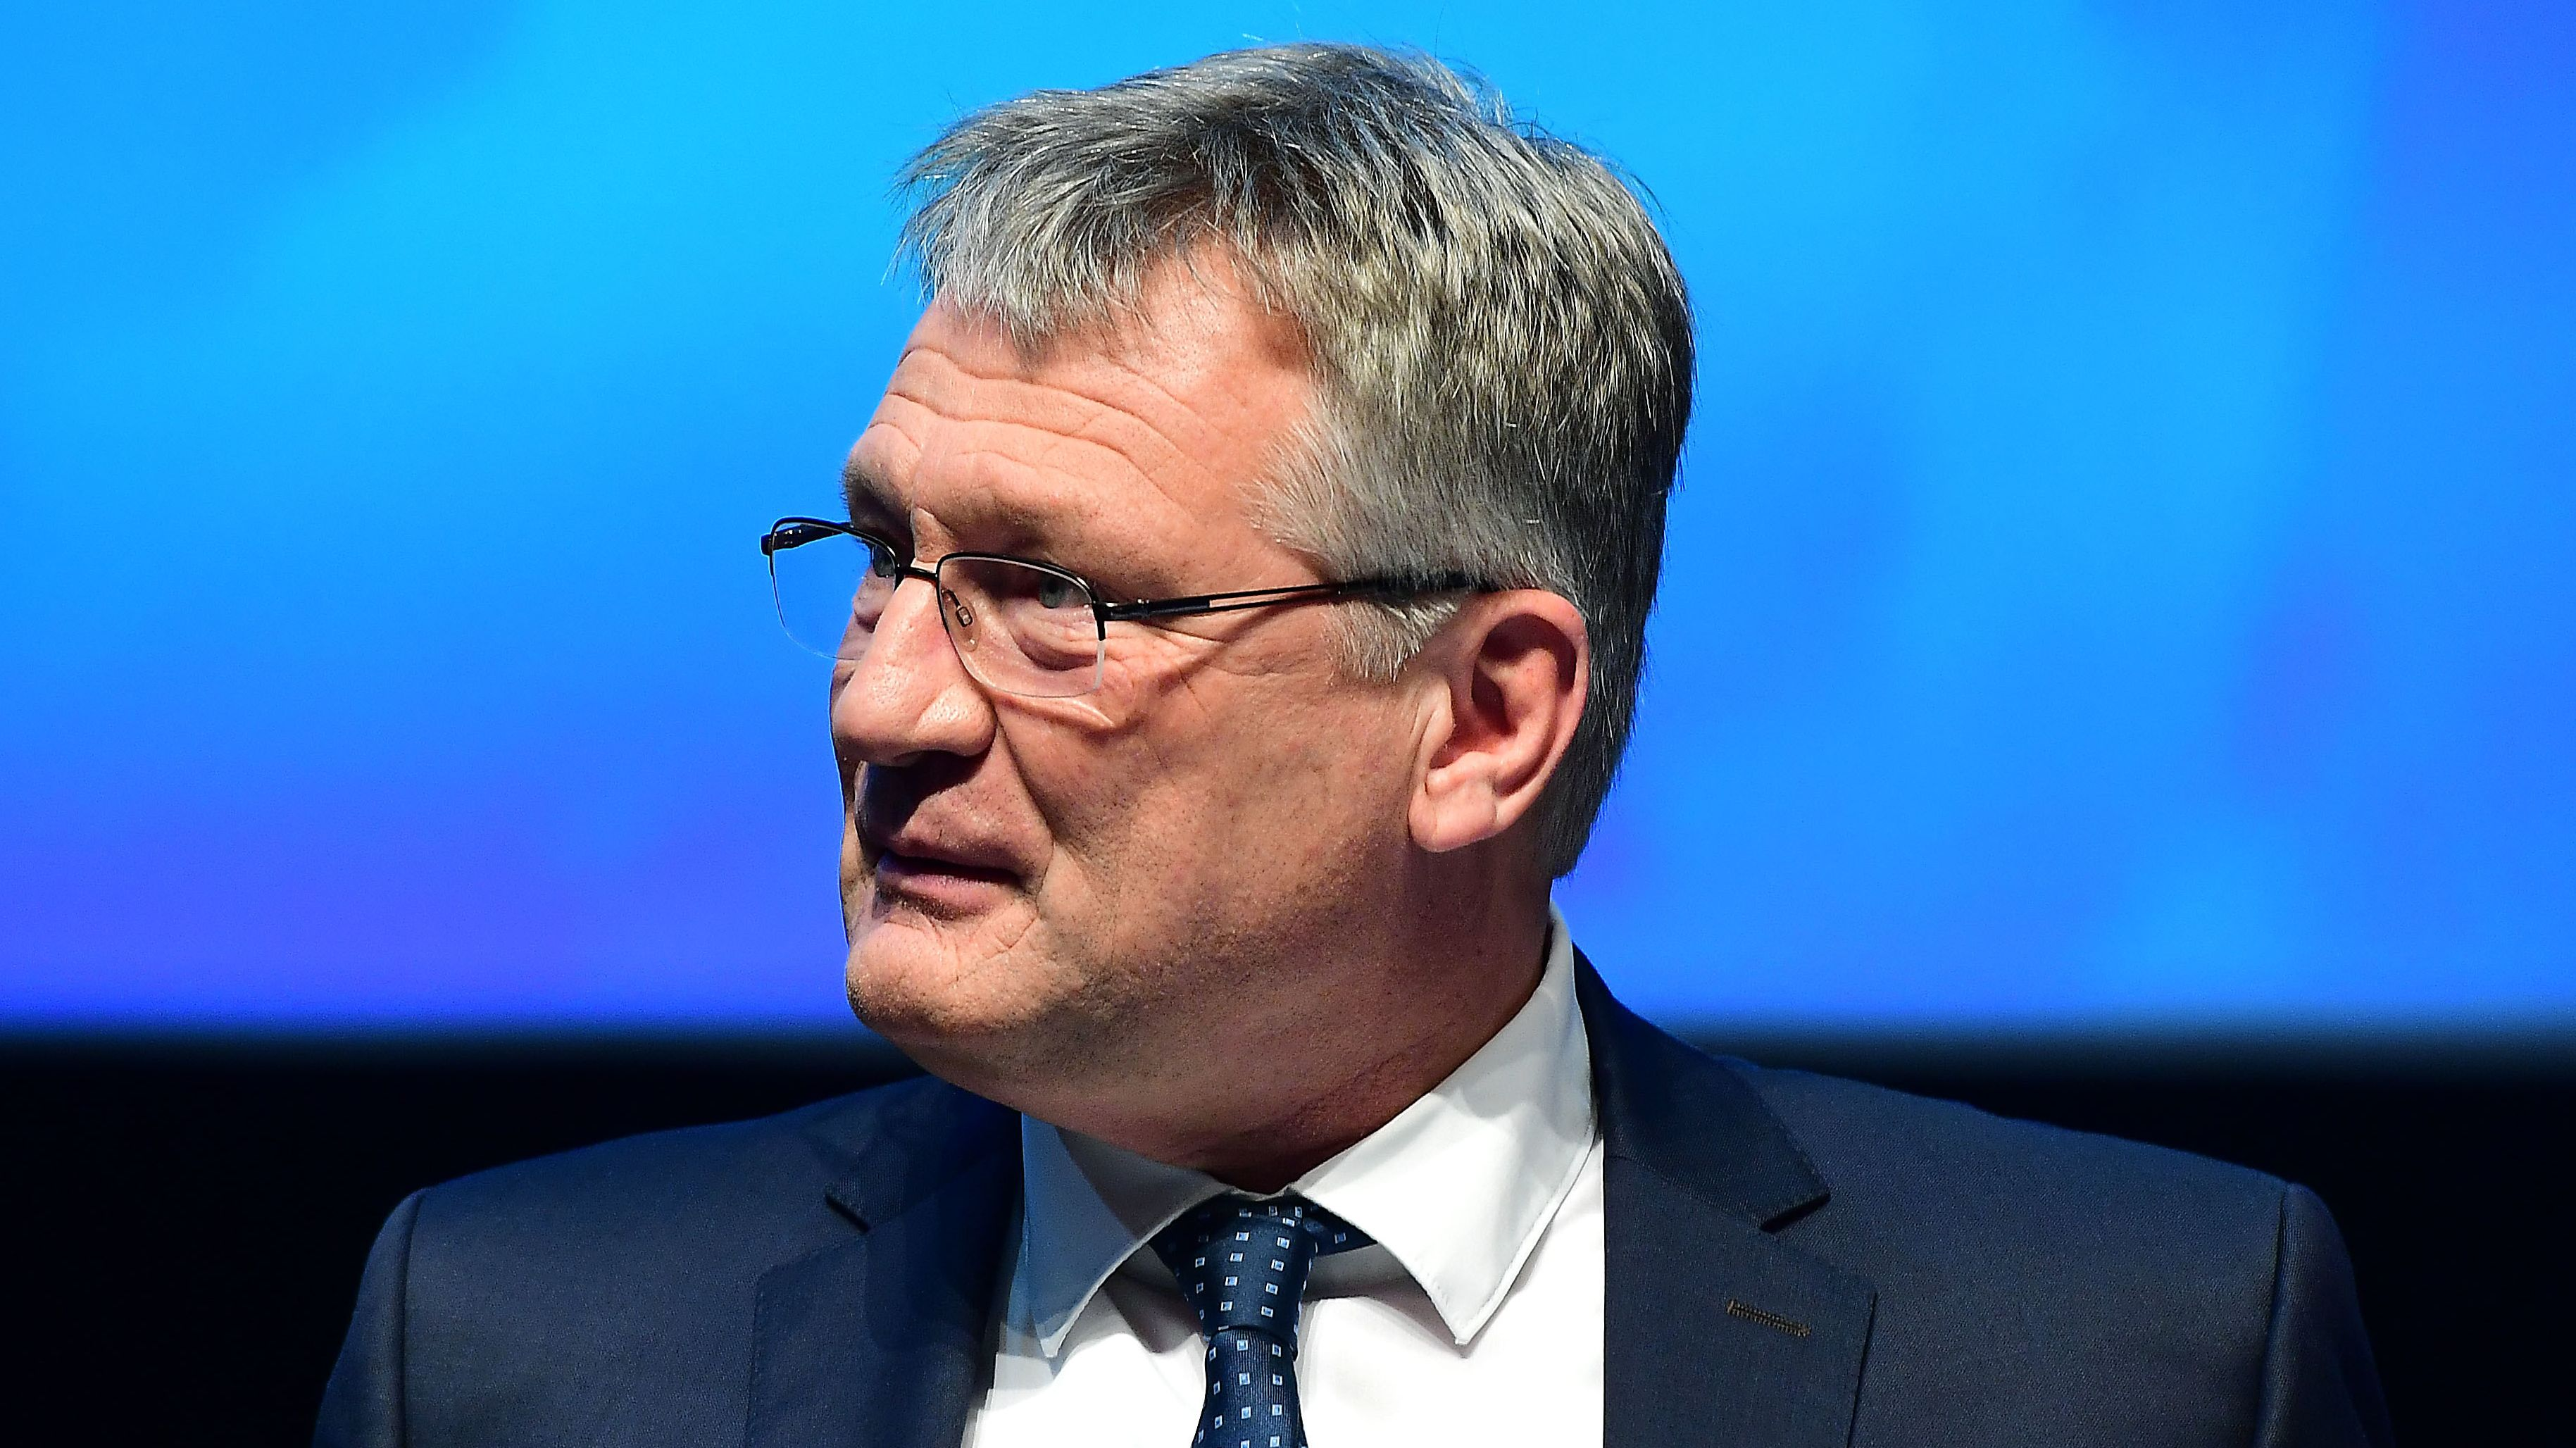 AfD-Parteichef Jörg Meuthen